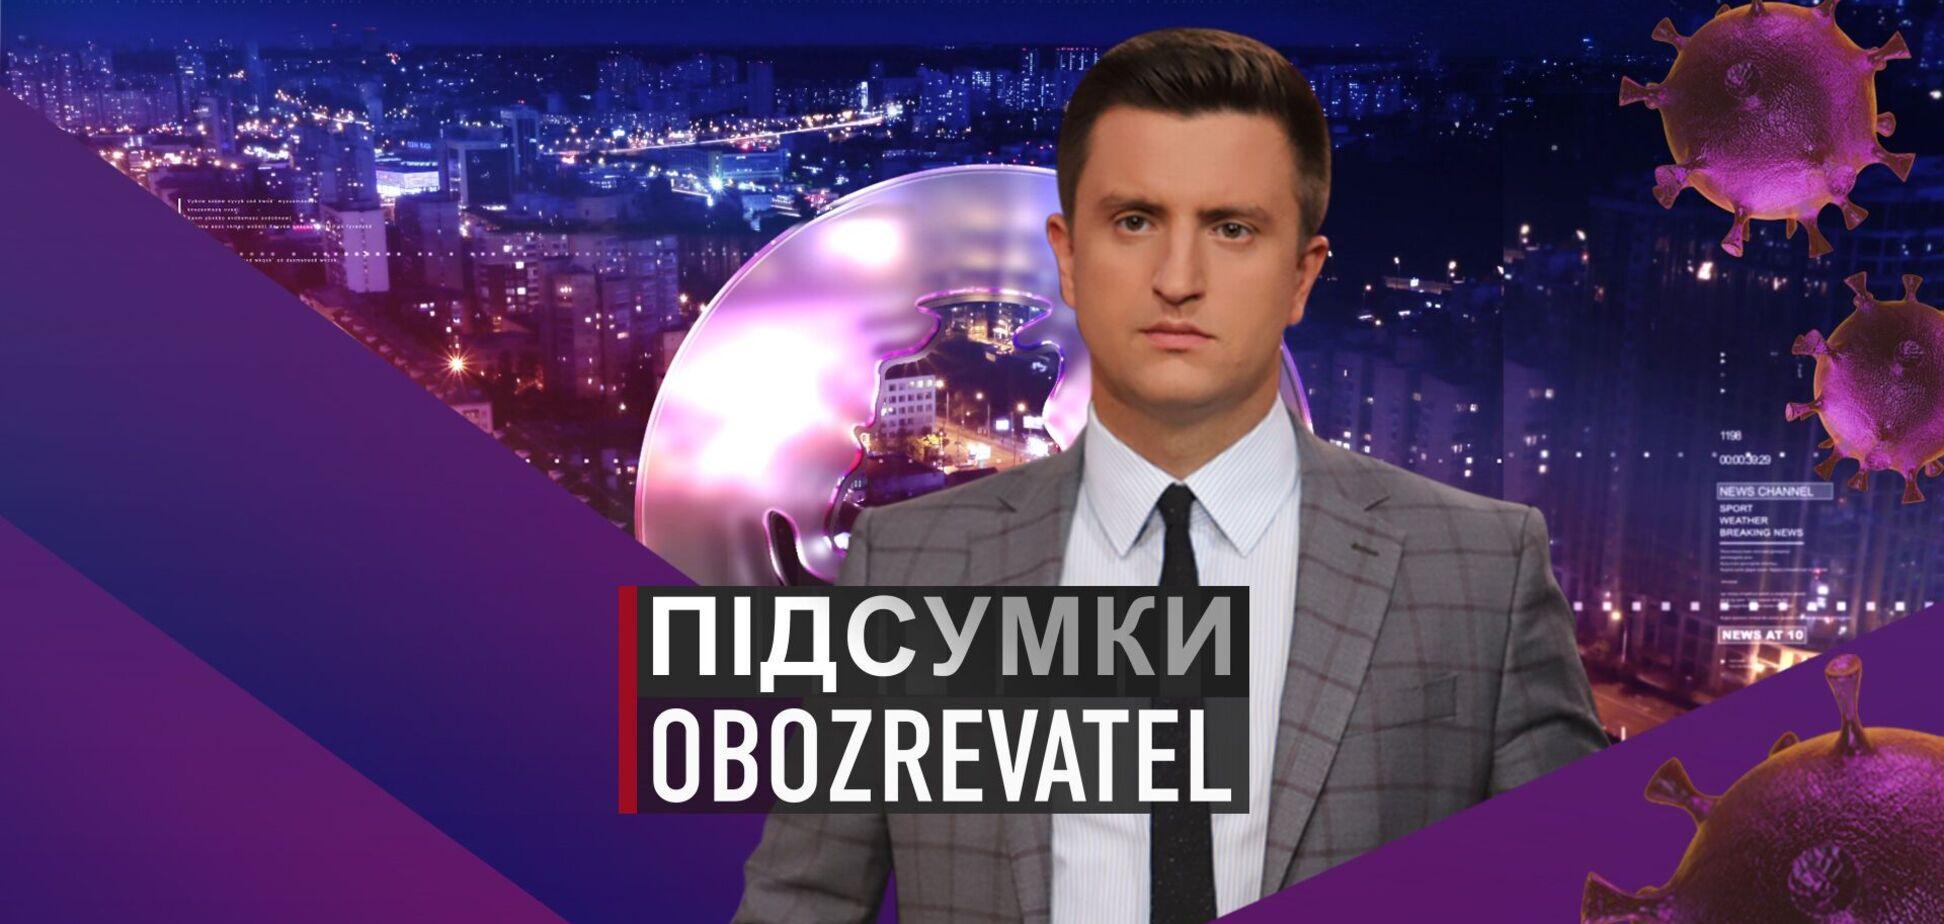 Підсумки з Вадимом Колодійчуком. Середа, 14 липня